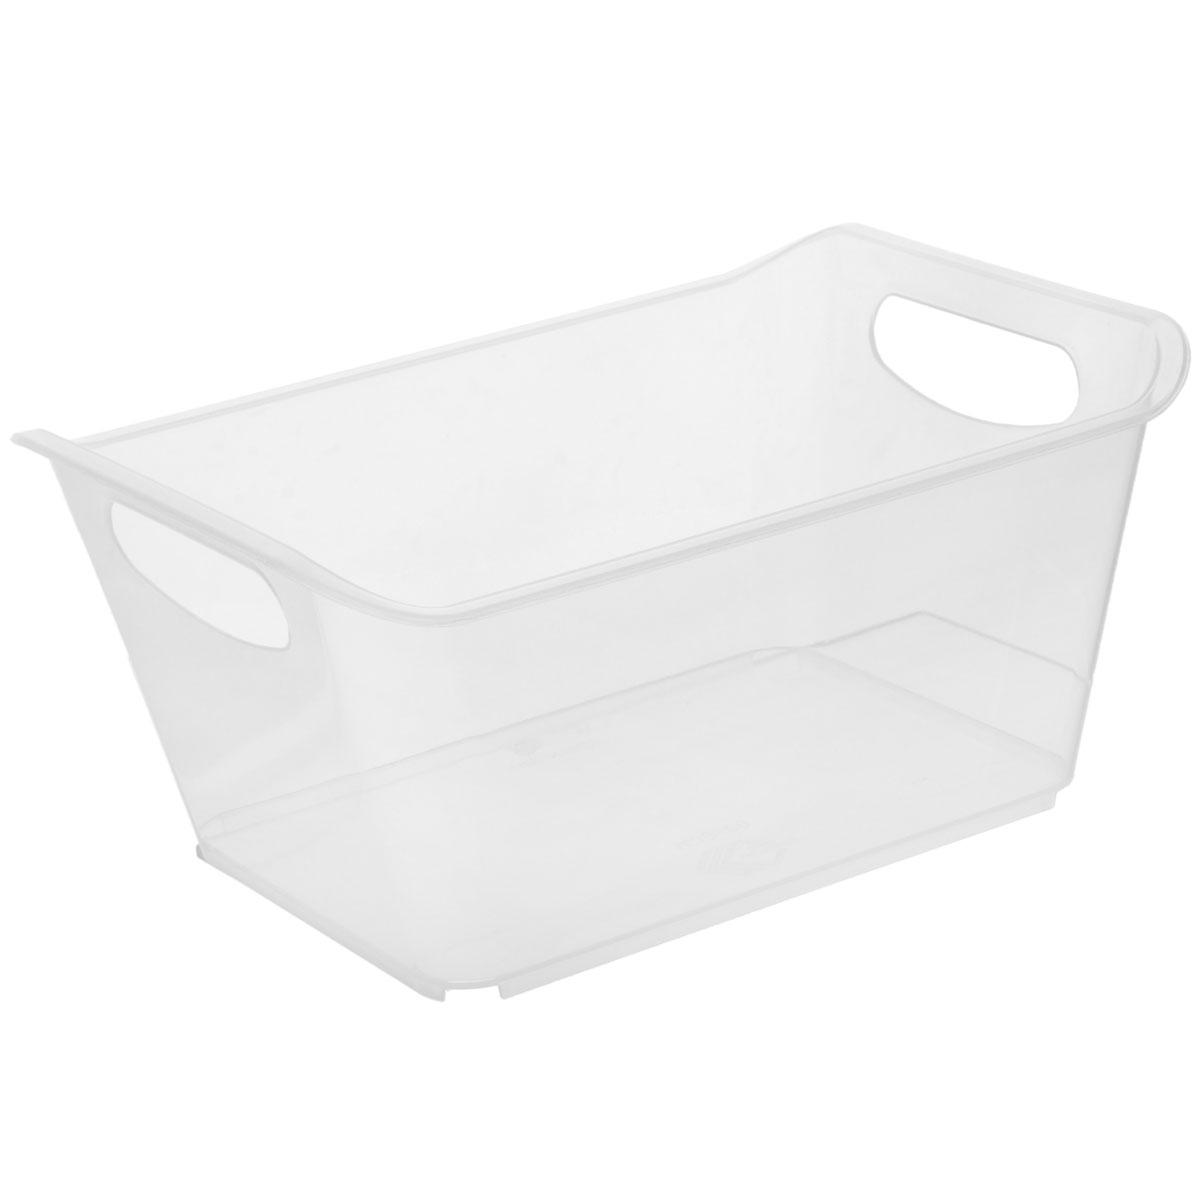 Контейнер Gensini, цвет: прозрачный, 27 х 19,5 х 12 см3331_прозрачныйКонтейнер Gensini выполнен из прочного пластика. Он предназначен для хранения различных мелких вещей в ванной, на кухне, даче или гараже, исключая возможность их потери. По бокам контейнера предусмотрены две удобные ручки для его переноски. Контейнер поможет хранить все в одном месте, а также защитить вещи от пыли, грязи и влаги.